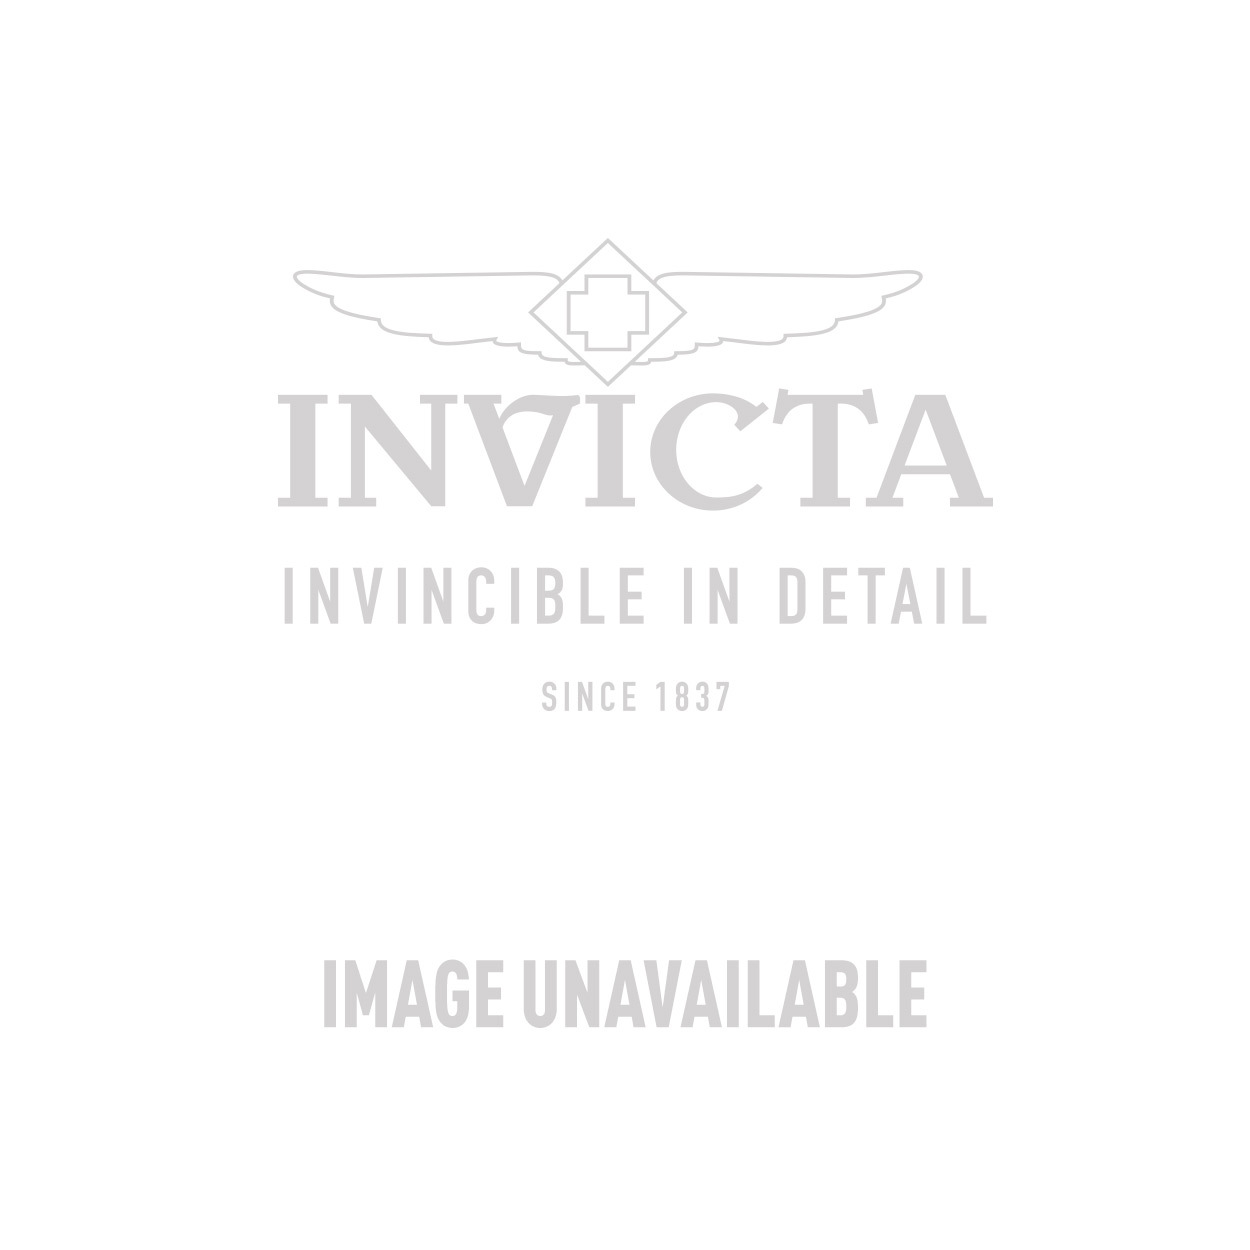 Invicta Model 27228